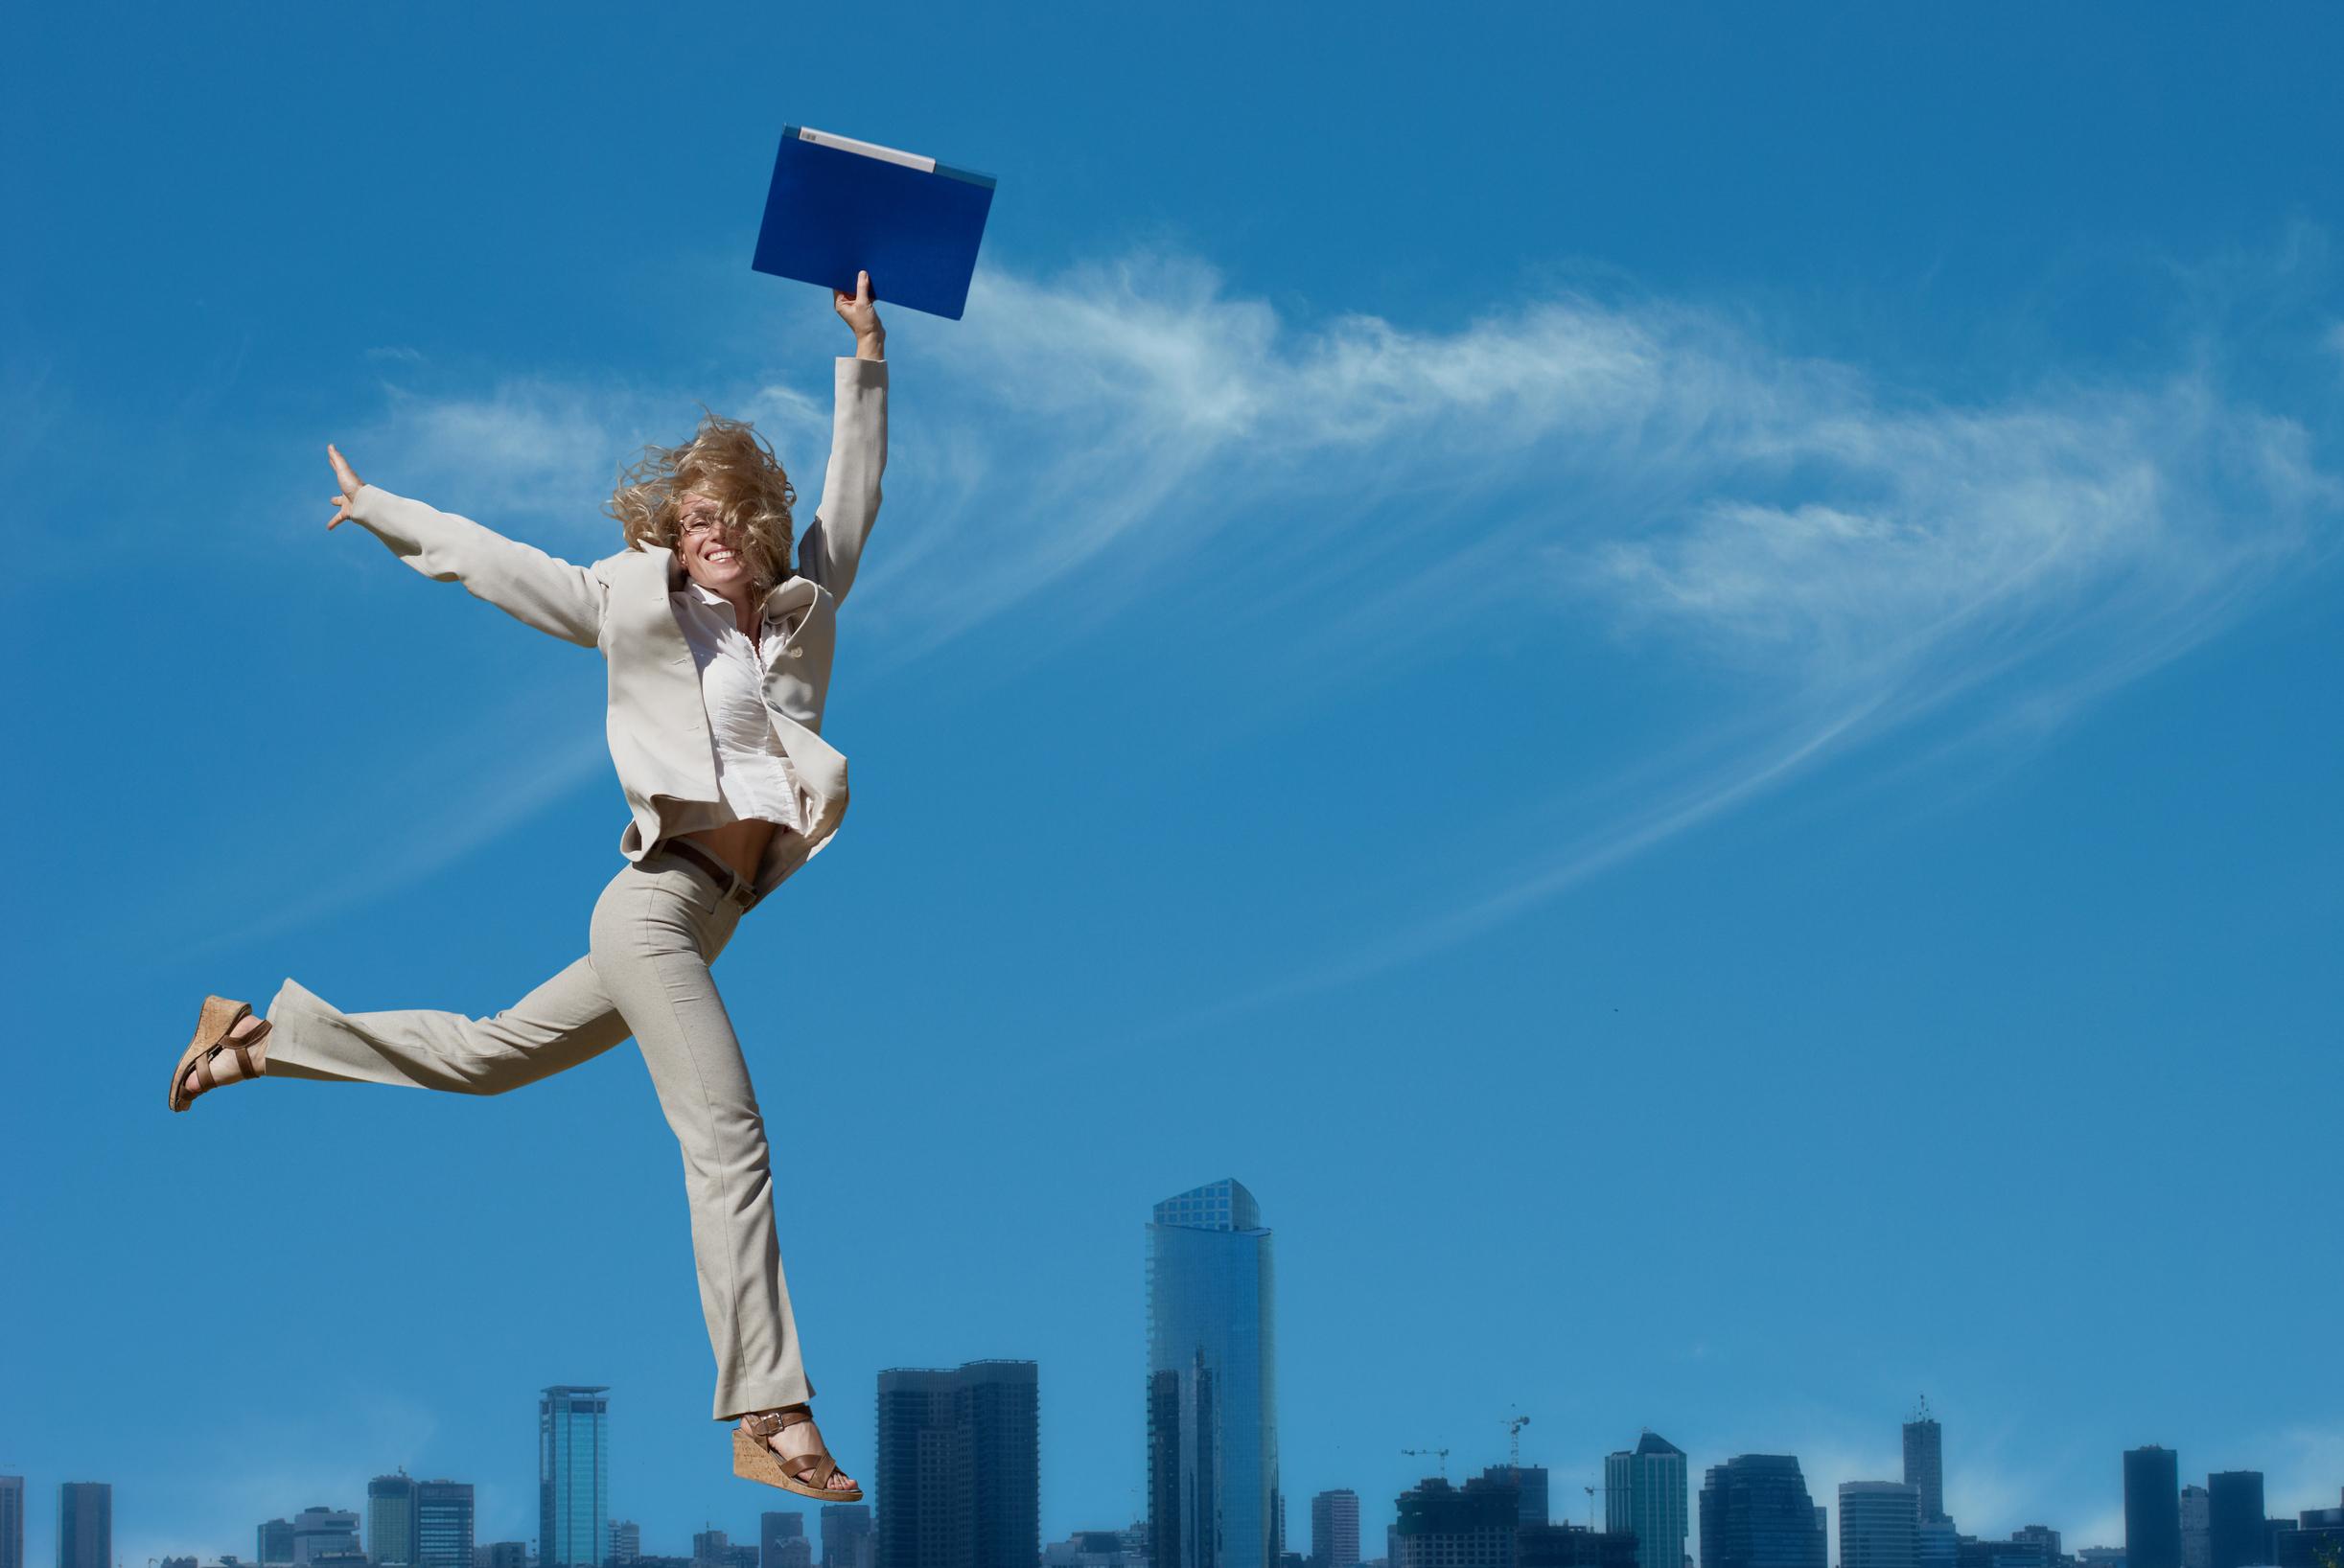 Как сделать чтобы работа приносила удовольствие6